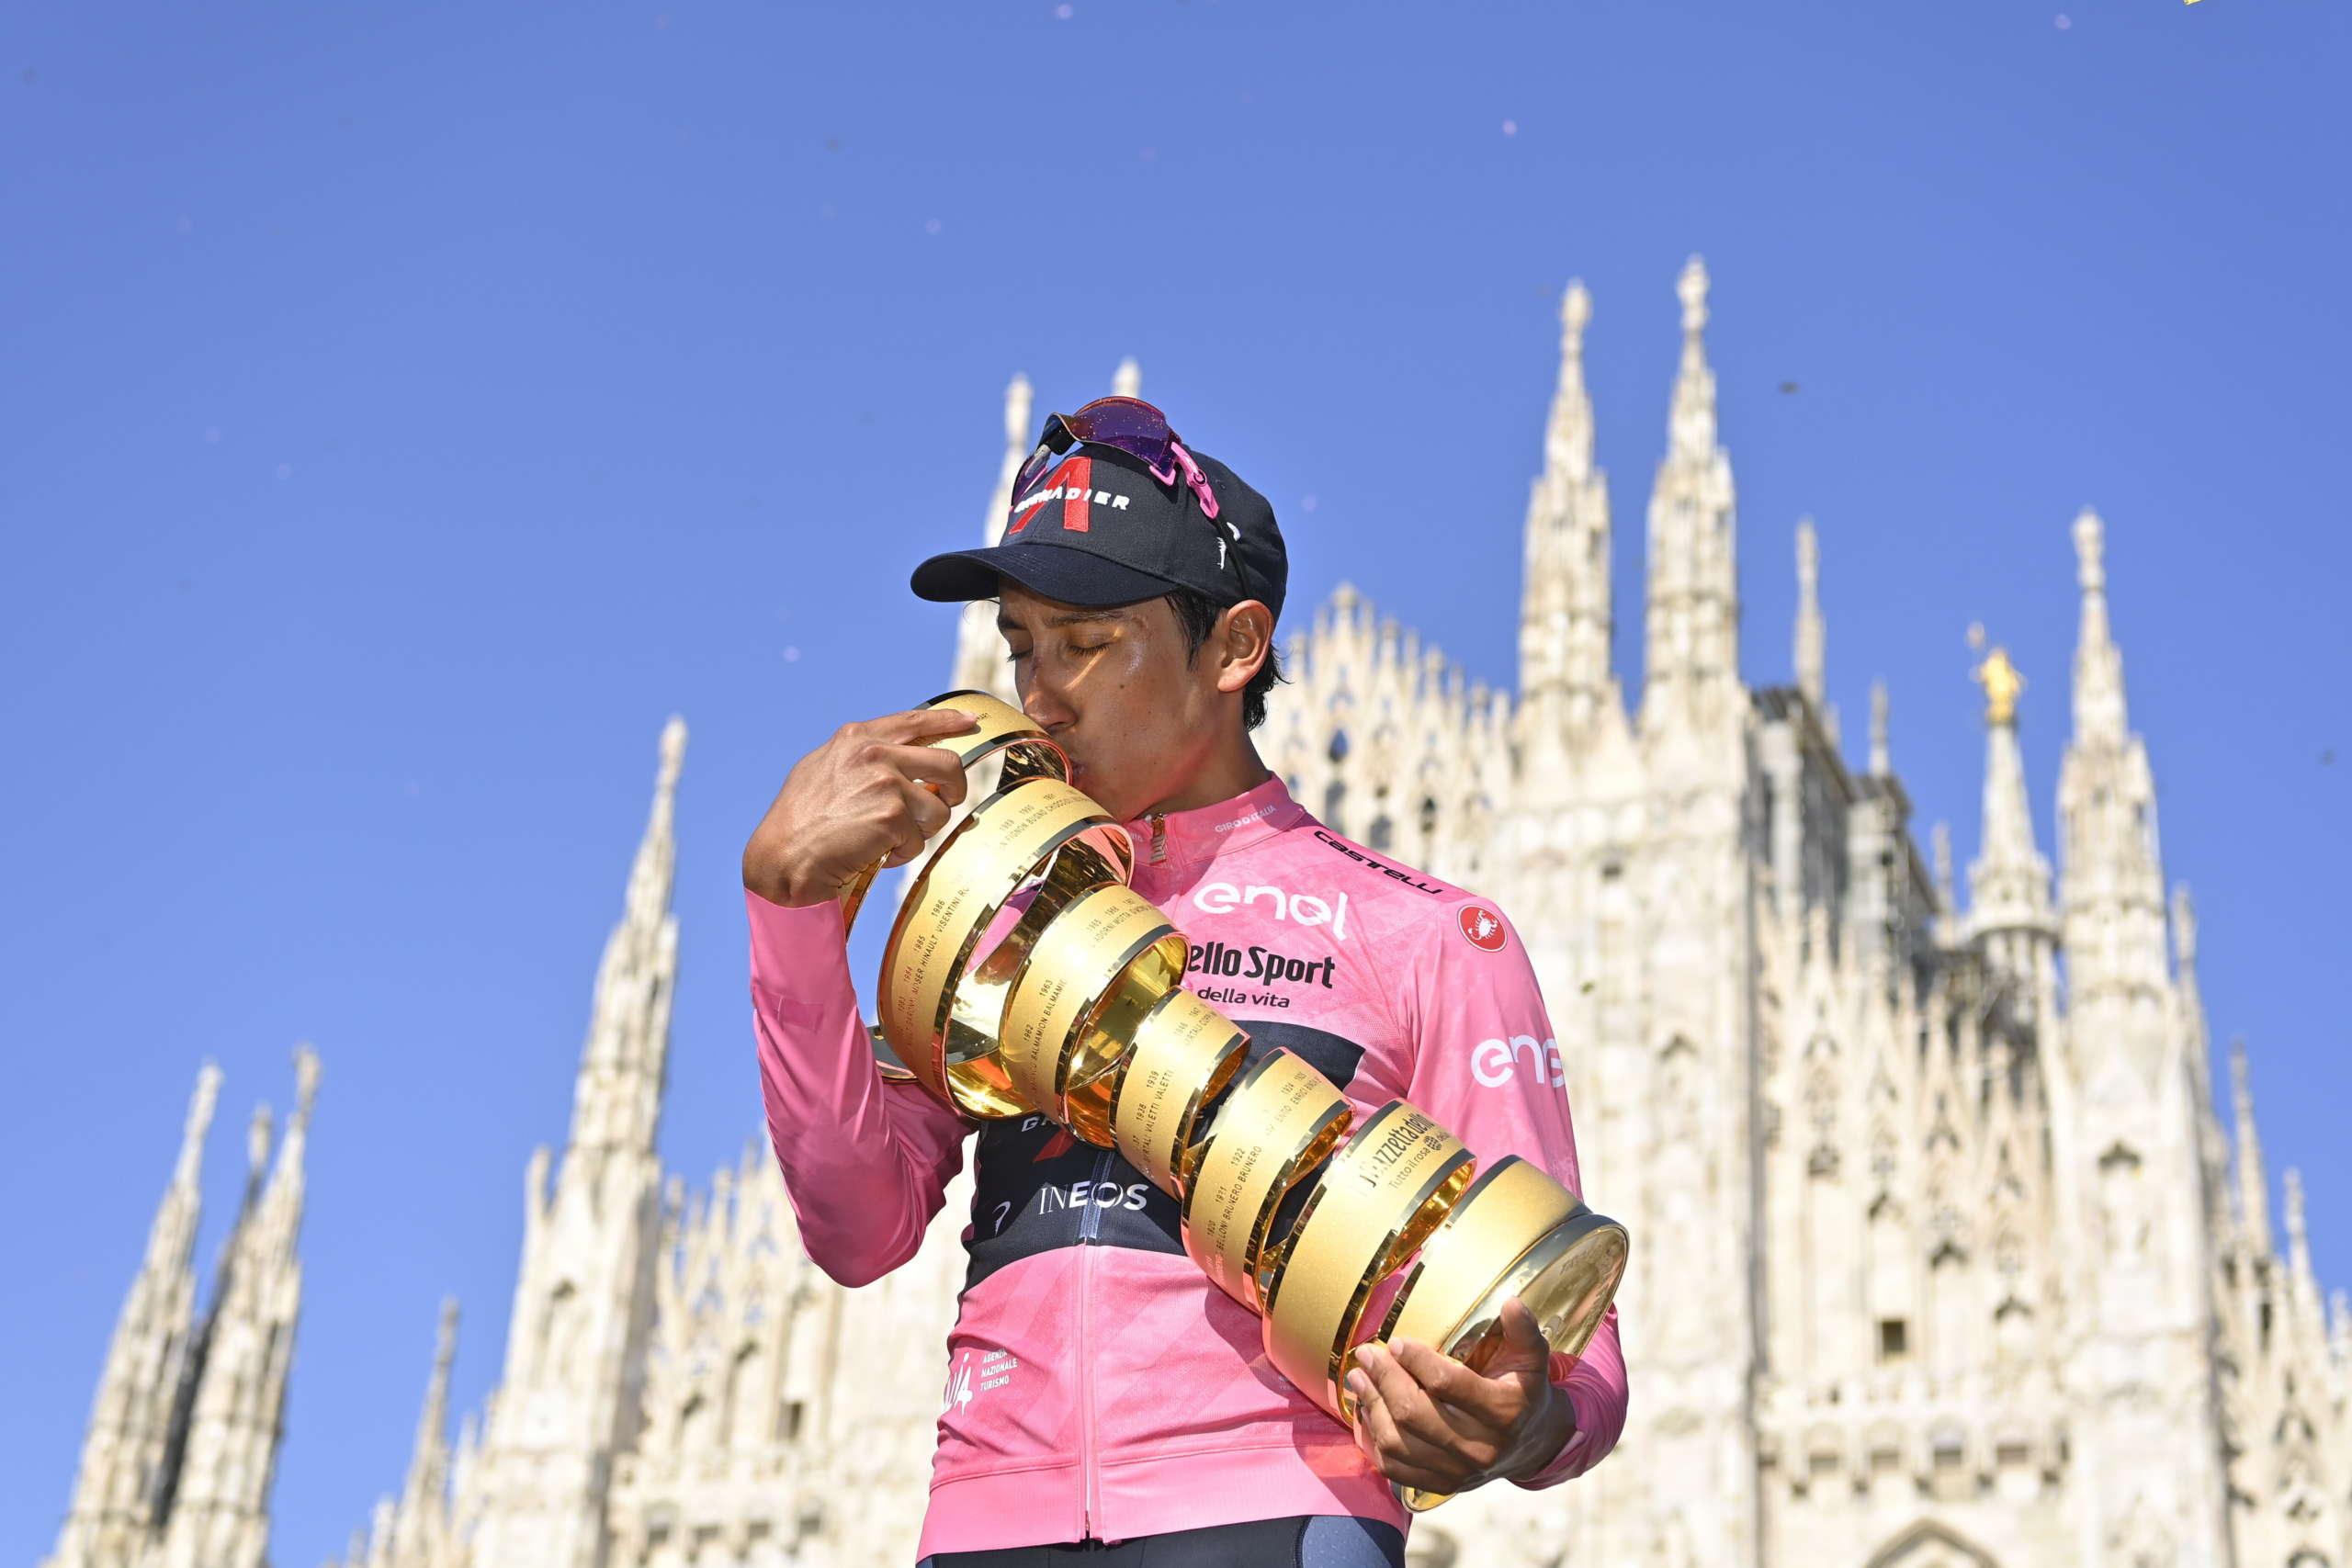 Bernal, Giro d'Italia 2021